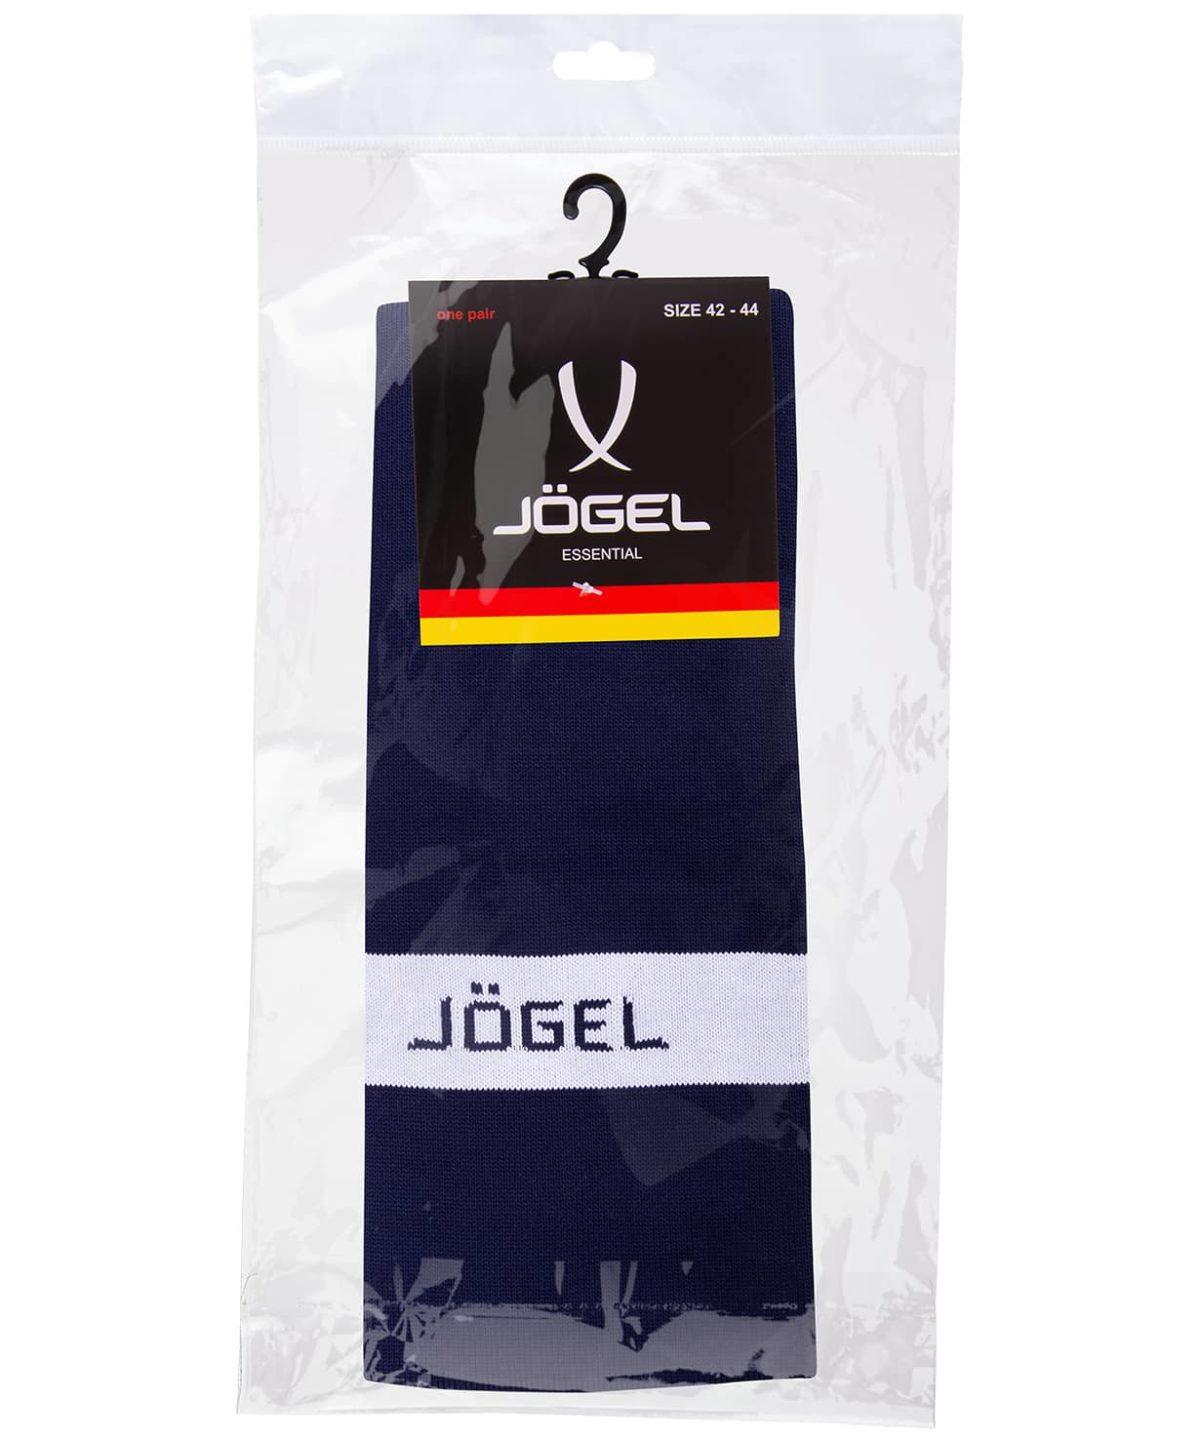 JOGEL Гетры футбольные, темно-синий/белый  JA-003 - 3